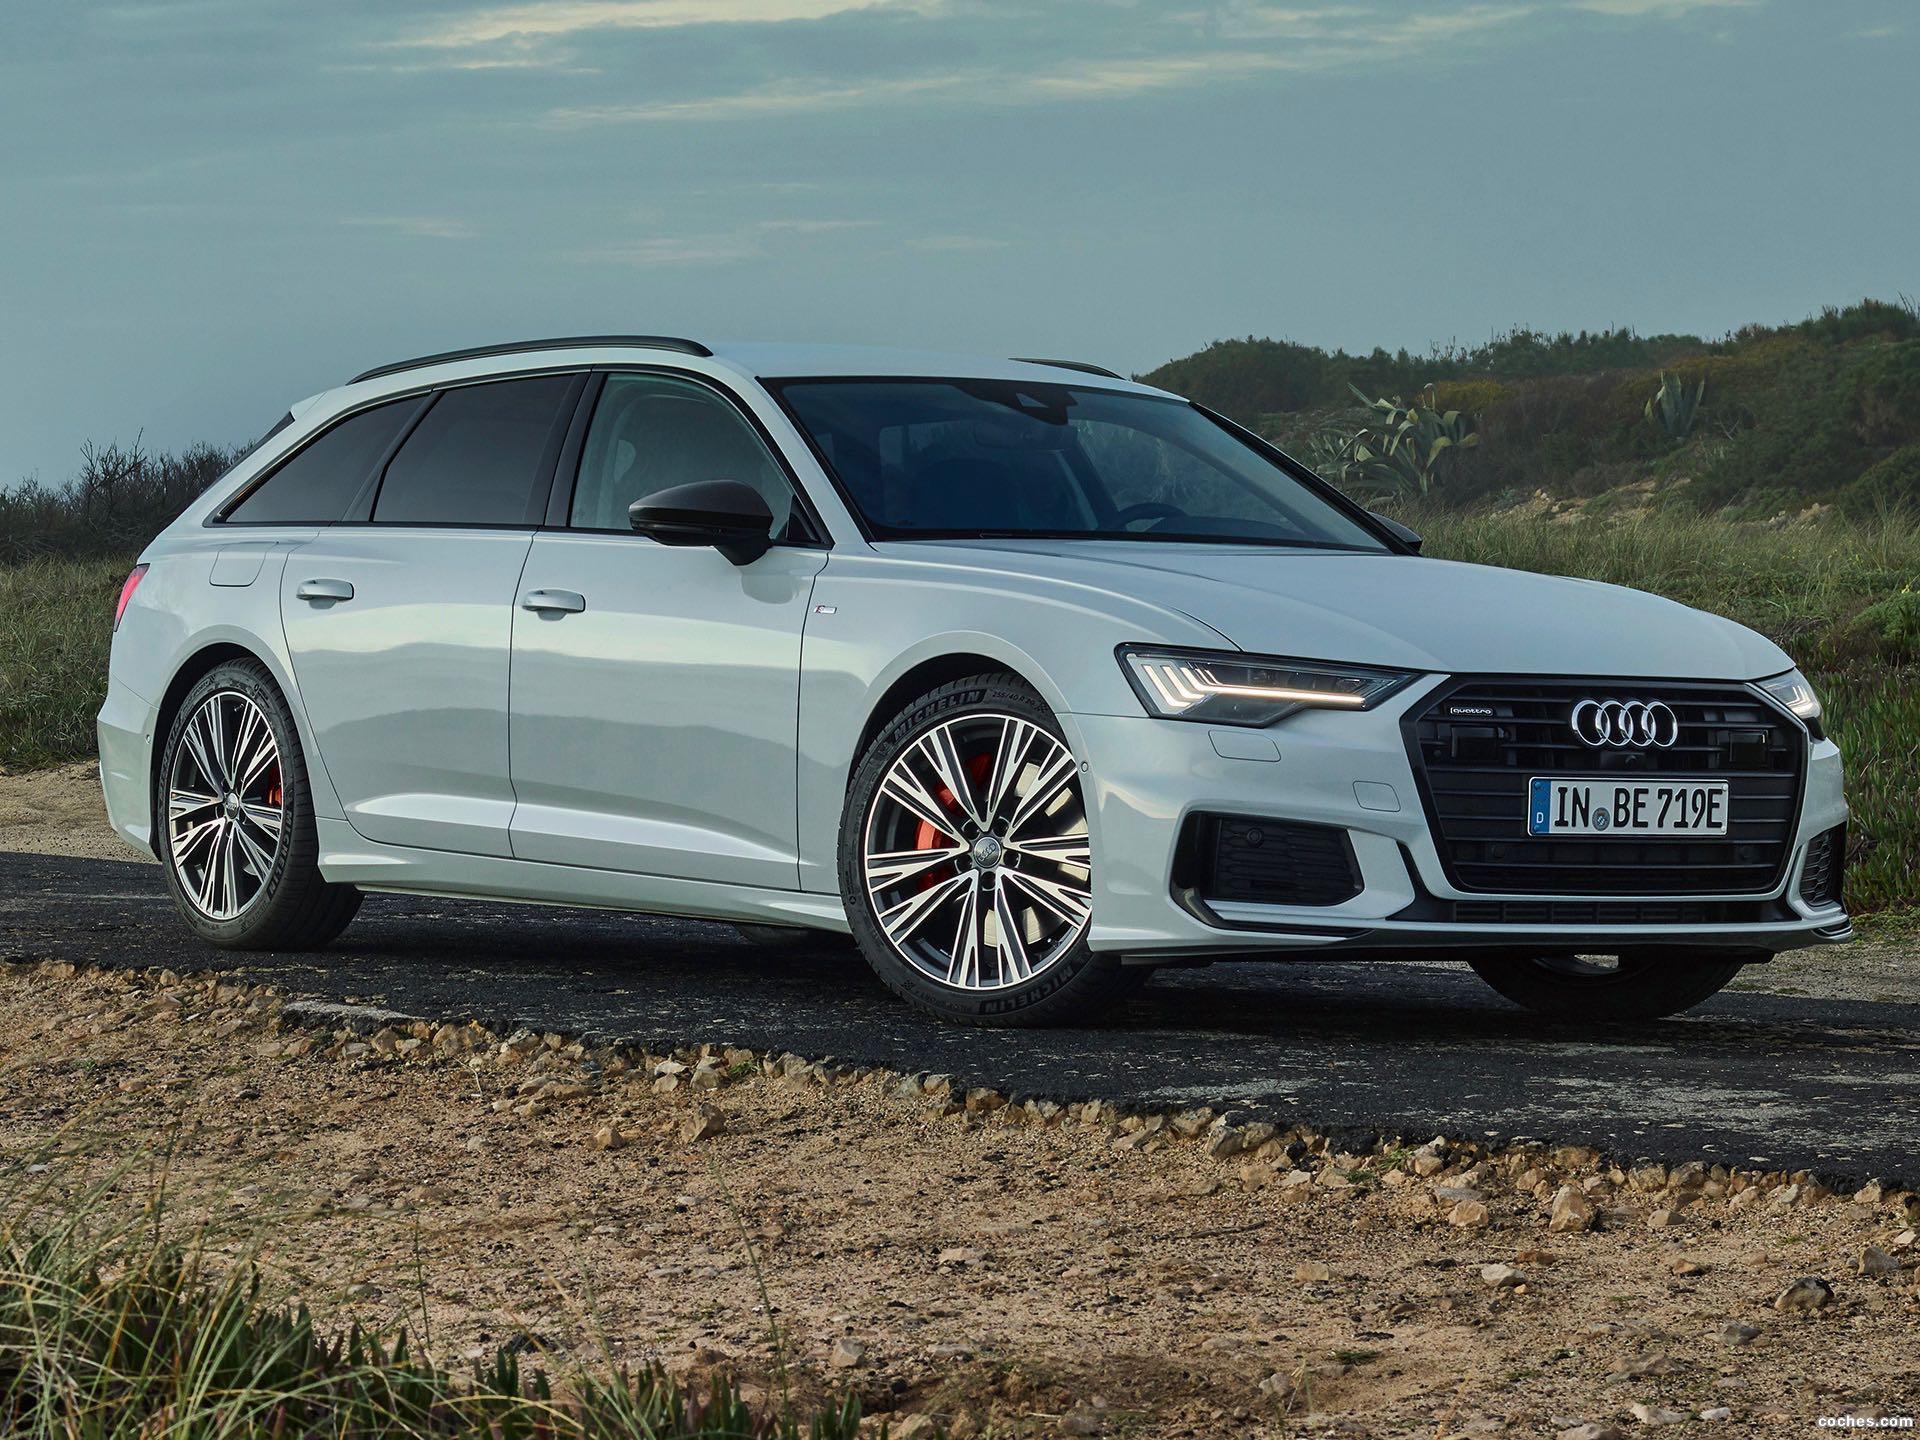 Foto 2 de Audi A6 Avant 55 TFSI e quattro 2020